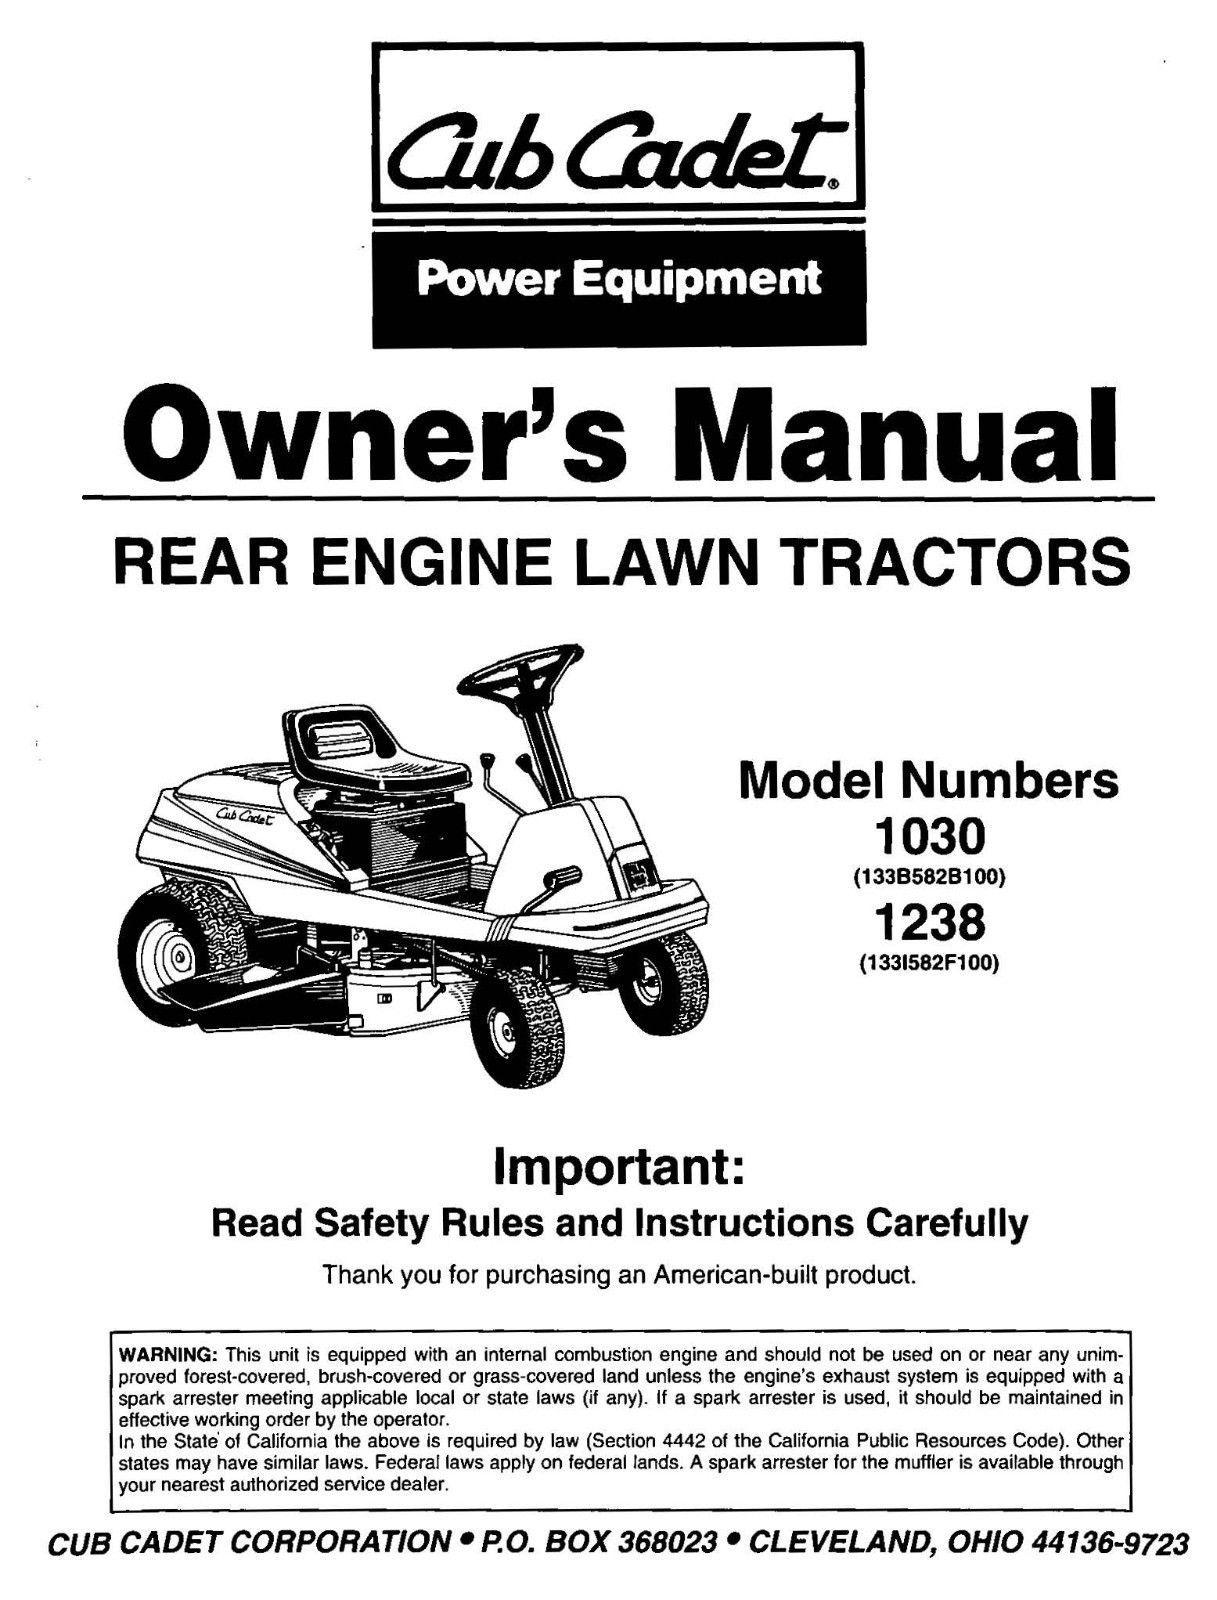 Cub Cadet Lawn Tractor Owners Manual Model No. 1030 - 1238